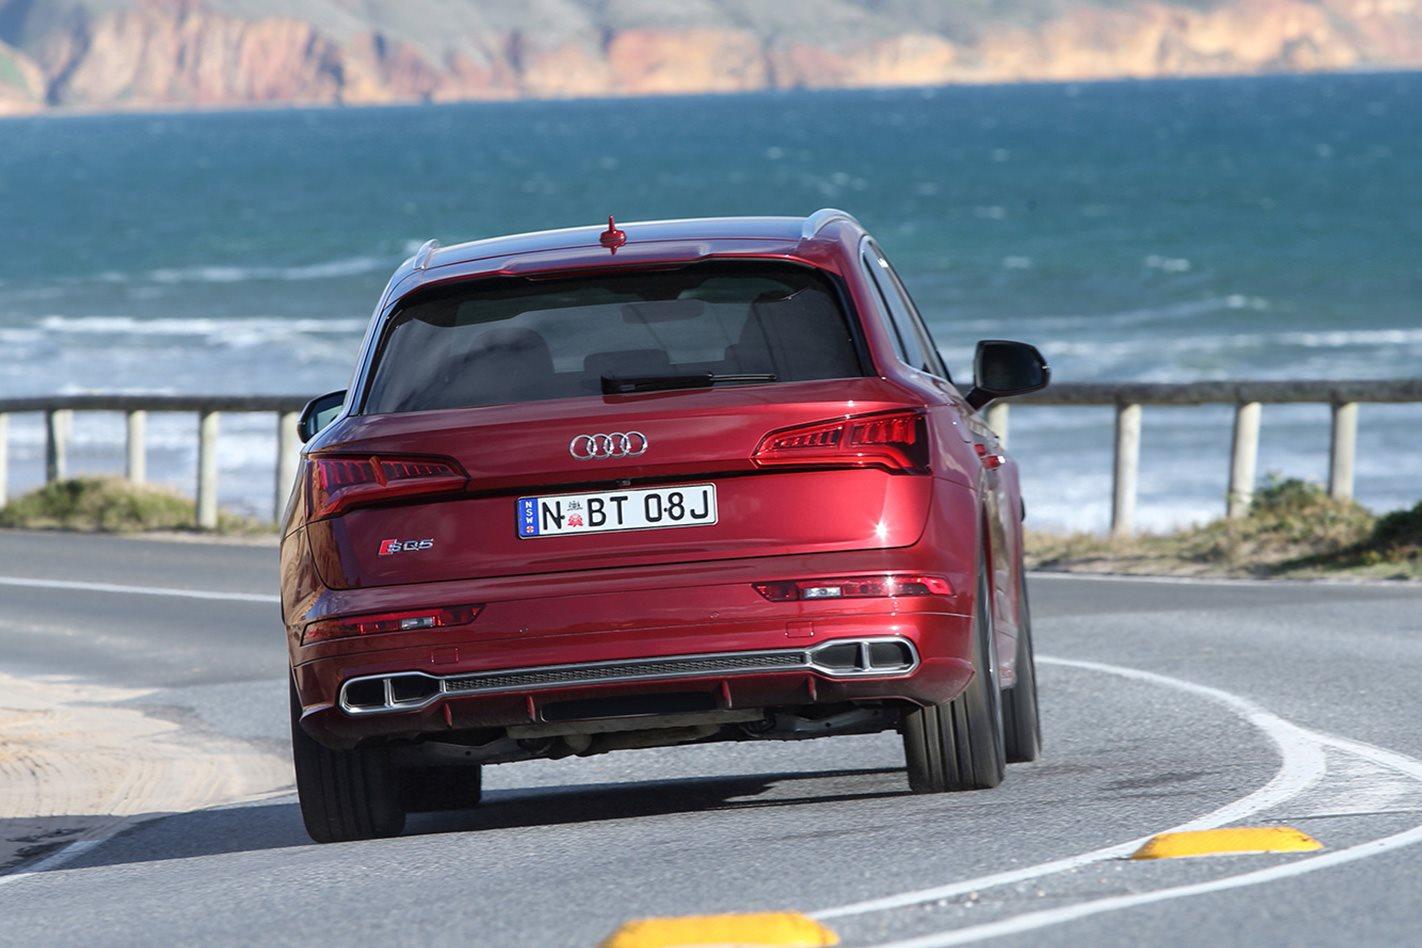 2018 Audi SQ5 rear